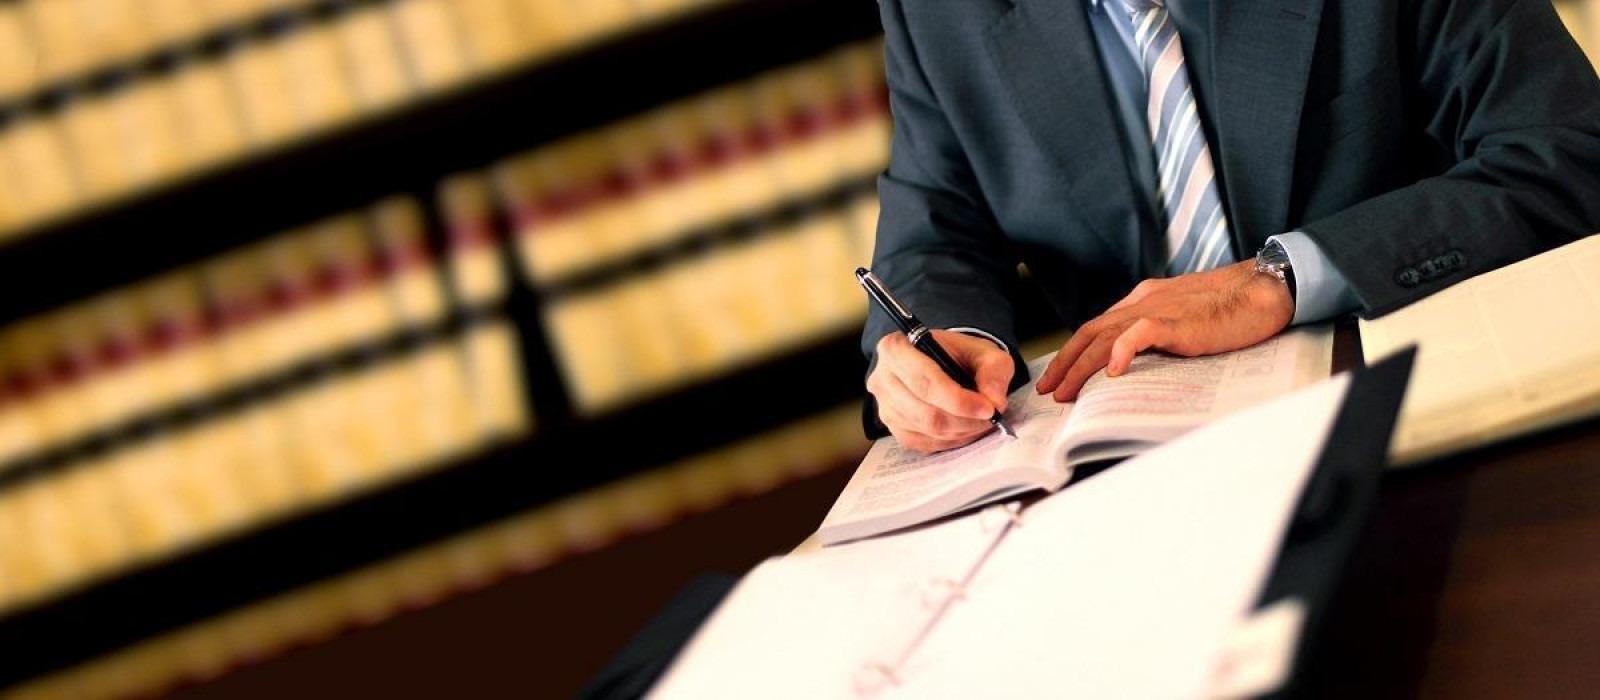 Δήμος Αγρινίου: Έως 8 Μαΐου οι αιτήσεις πρακτικής άσκησης υποψηφίων δικηγόρων